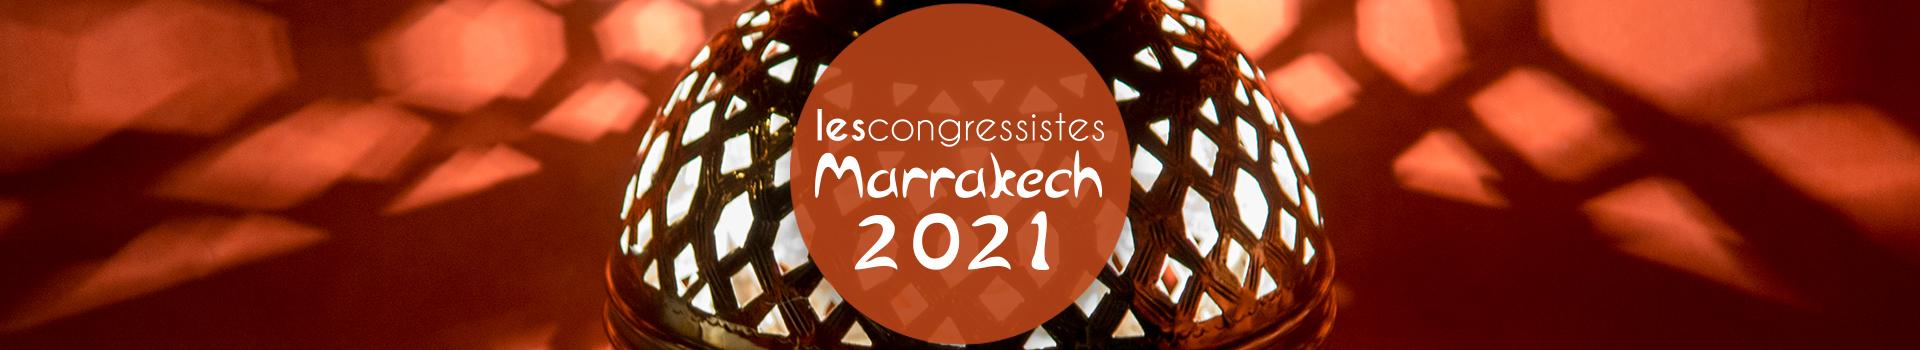 Congrès médico-dentaire les congressistes Marrakech 2021